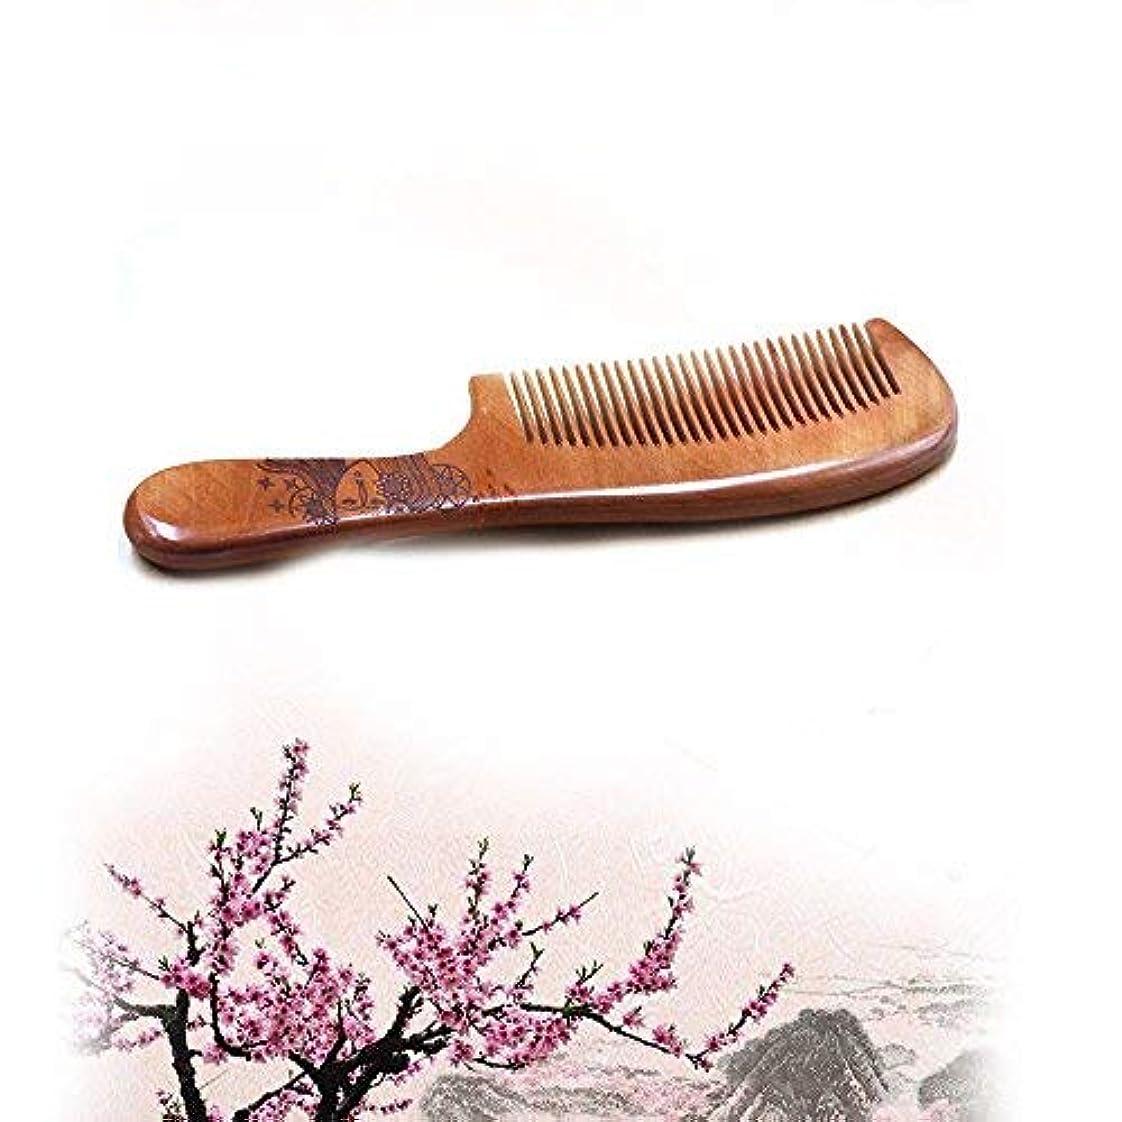 今晩緩む気質Universal Natural Hair Comb,Victory Detangling Wooden Combs No Static Peach Wood for Men,Women and Kids (long)...